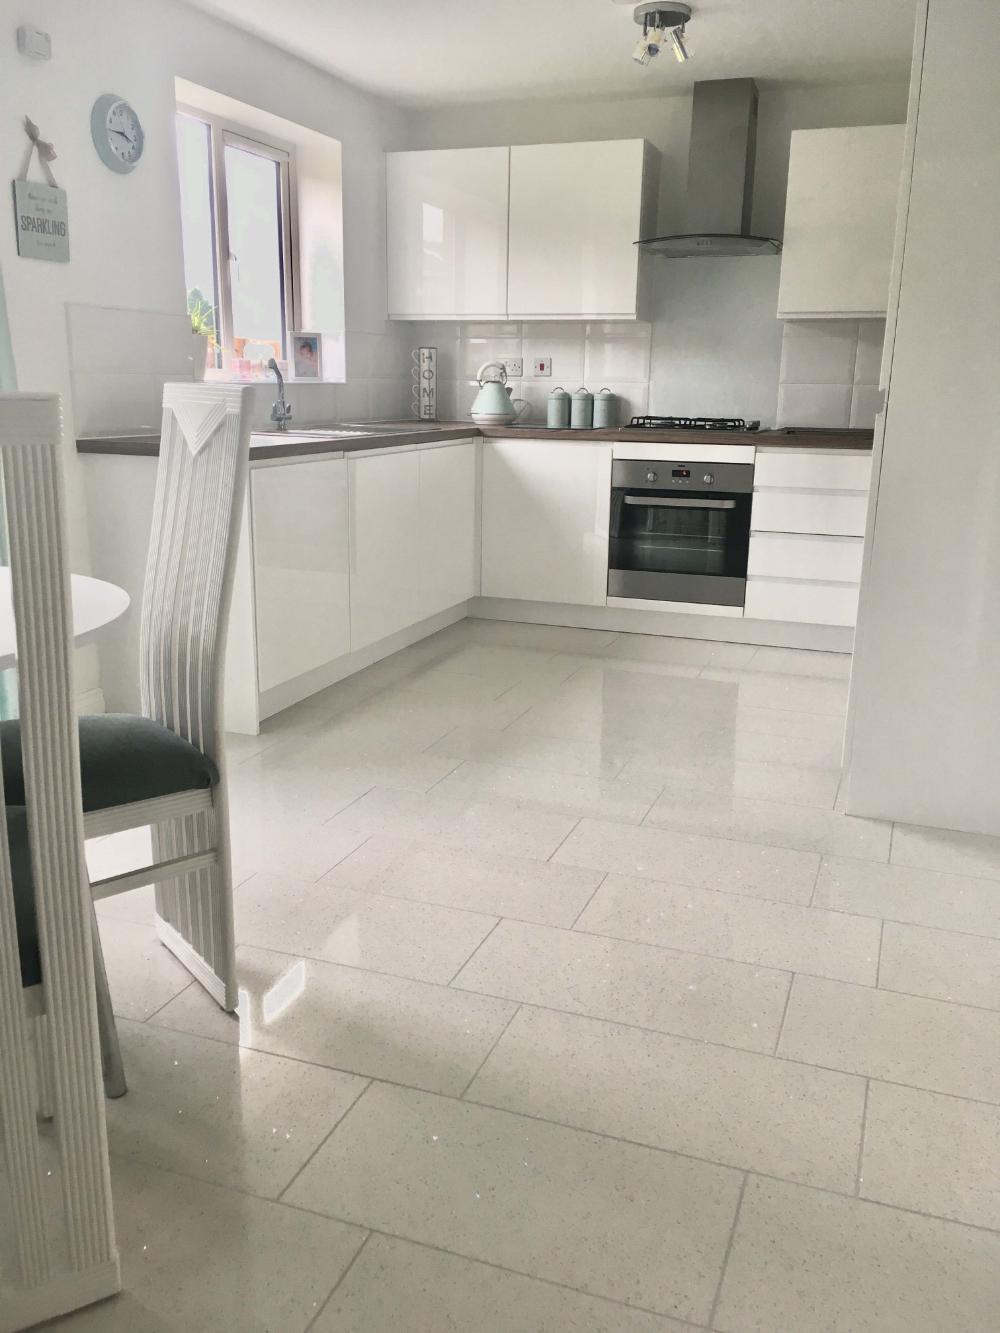 quartz floor tile   Google Search   Quartz flooring, Kitchen floor ...